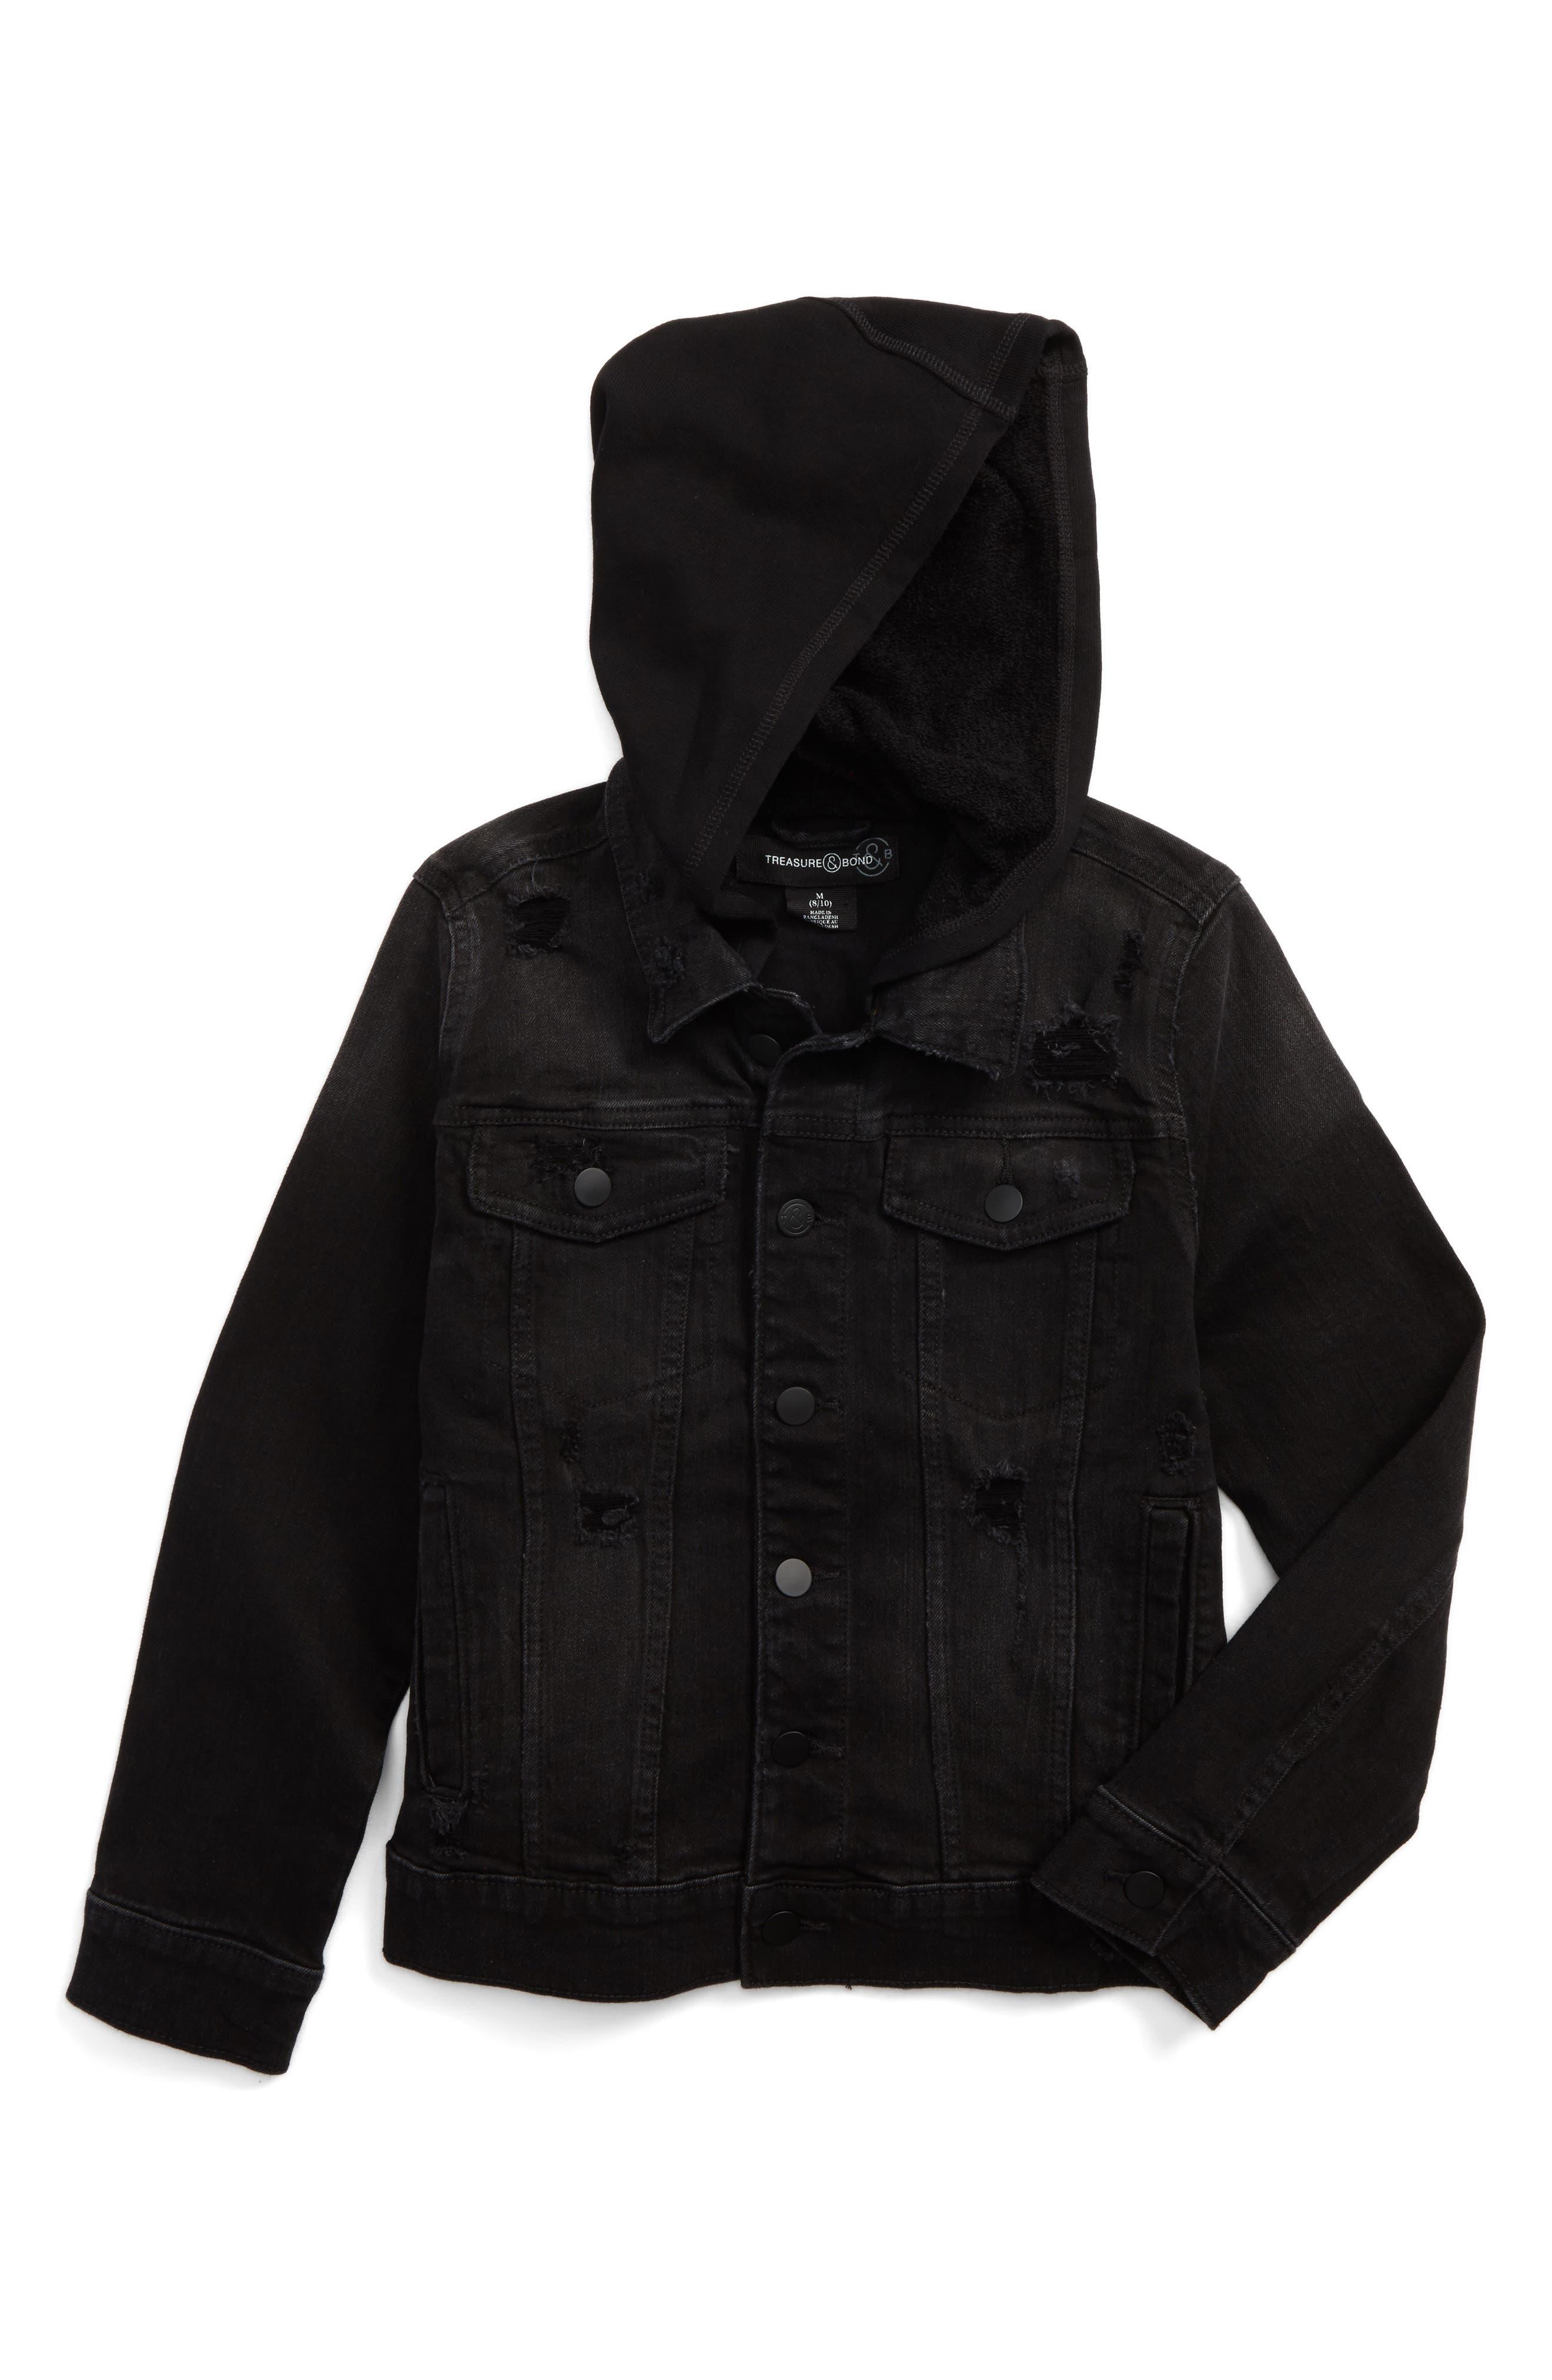 Main Image - Treasure & Bond Distressed Denim Hooded Jacket (Big Boys)